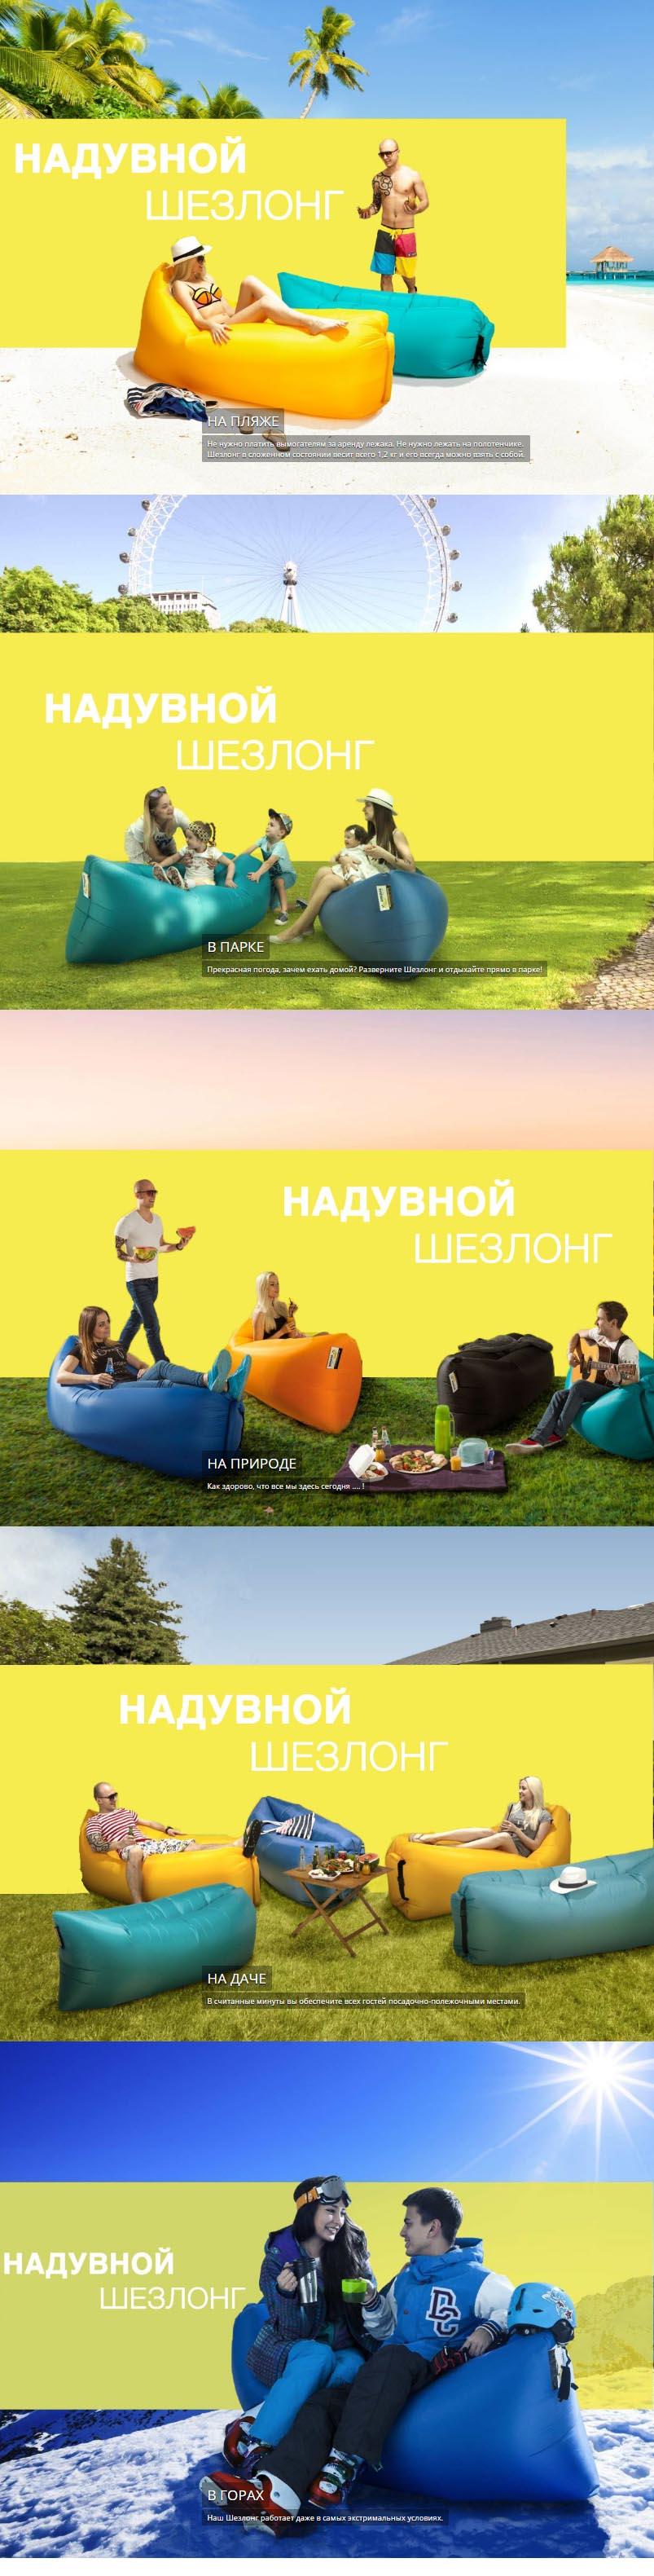 lamzac_naduvnoy_shezlong_kupitj.jpg